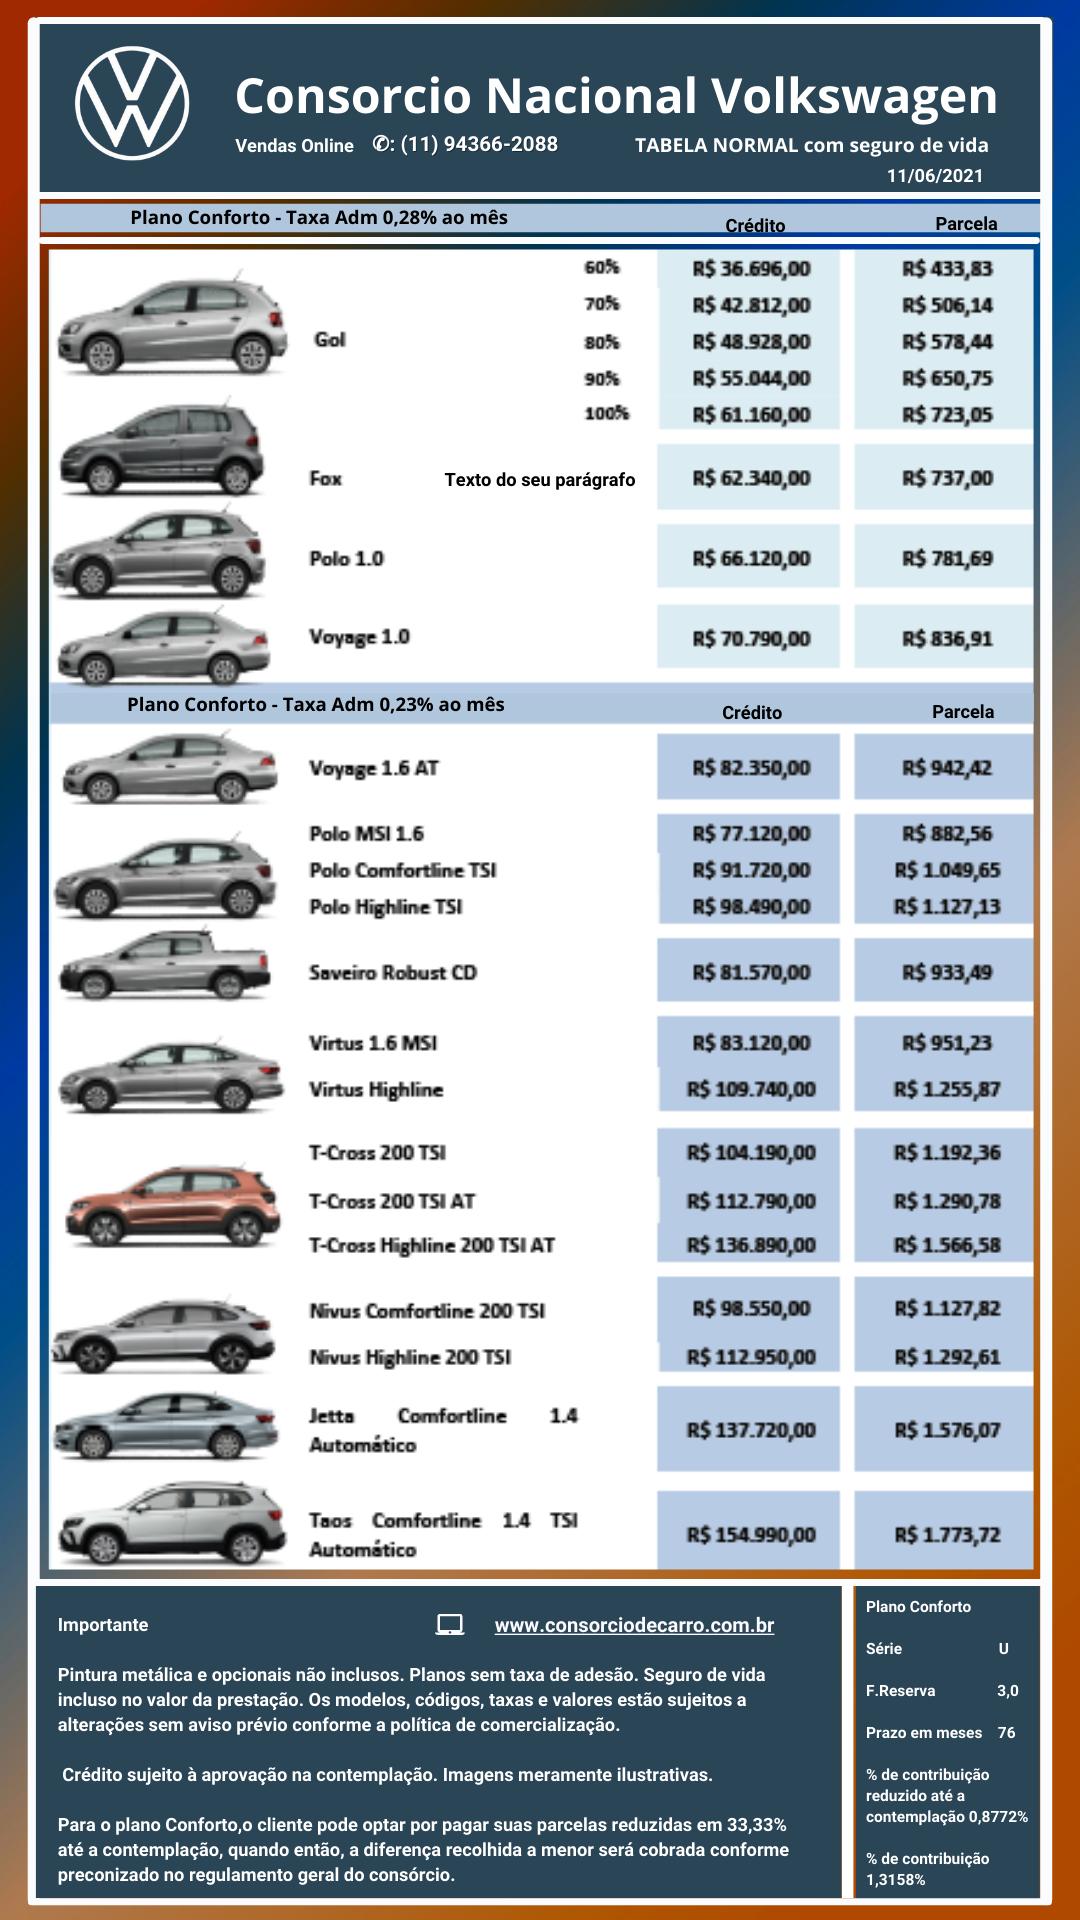 Tabela_dos_veículos_do_Consórcio_Volkswagen_Pland_direto_da_Volkswagen